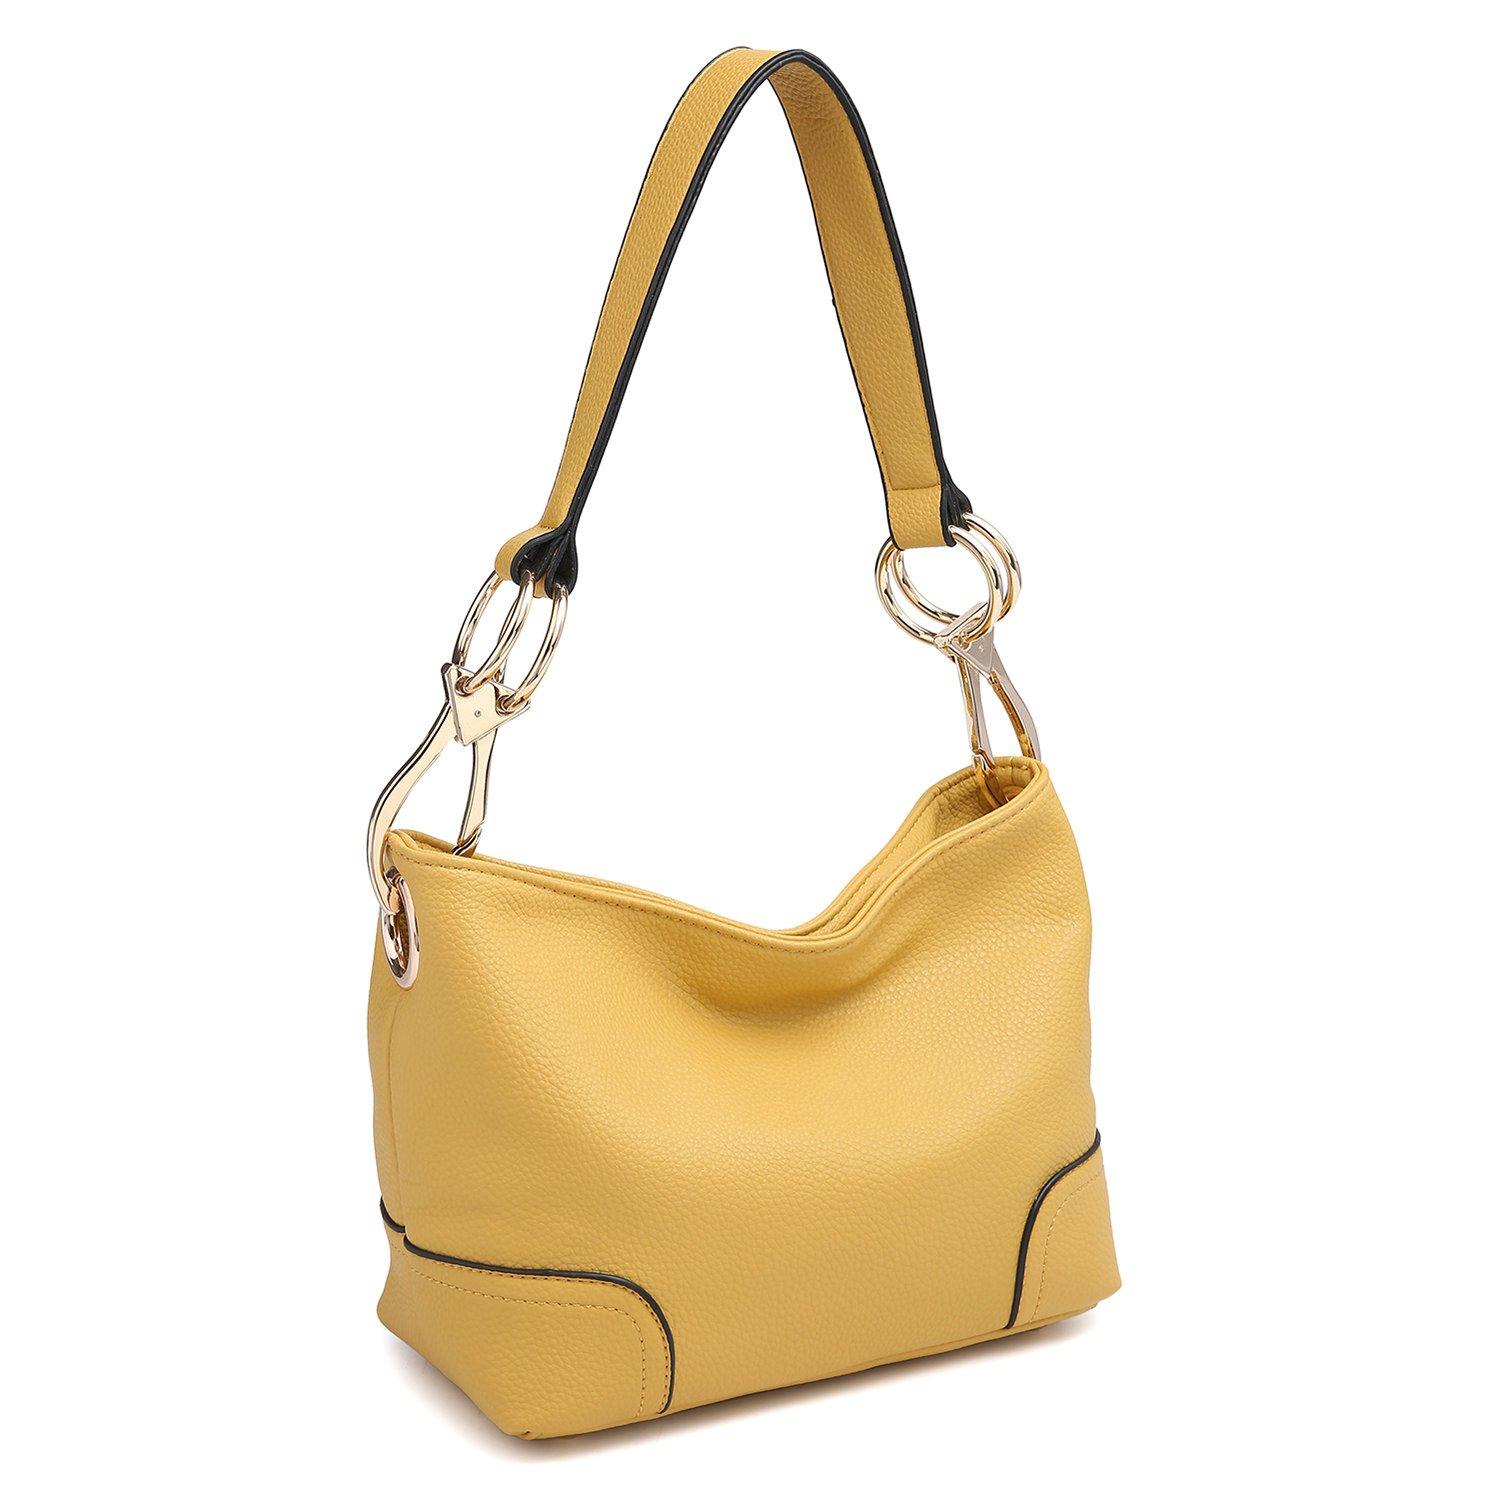 Classic Women Hobo Shoulder Bag Ladies Tote Purses Top Handle Handbag Faux Vegan Leather Mustard Yellow